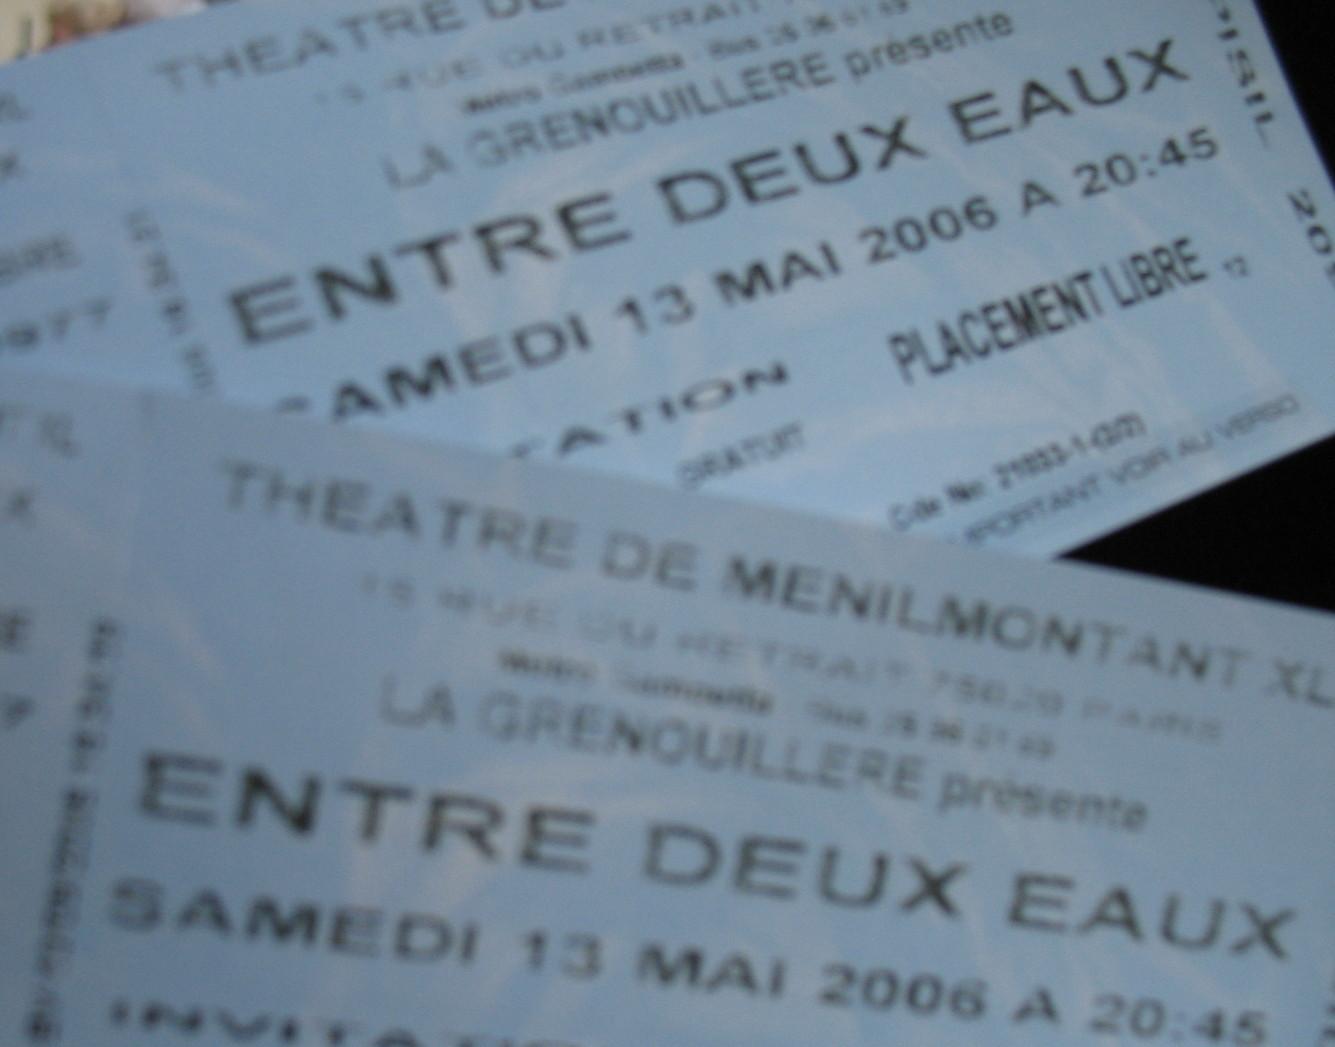 Entre Deux Eaux tickets